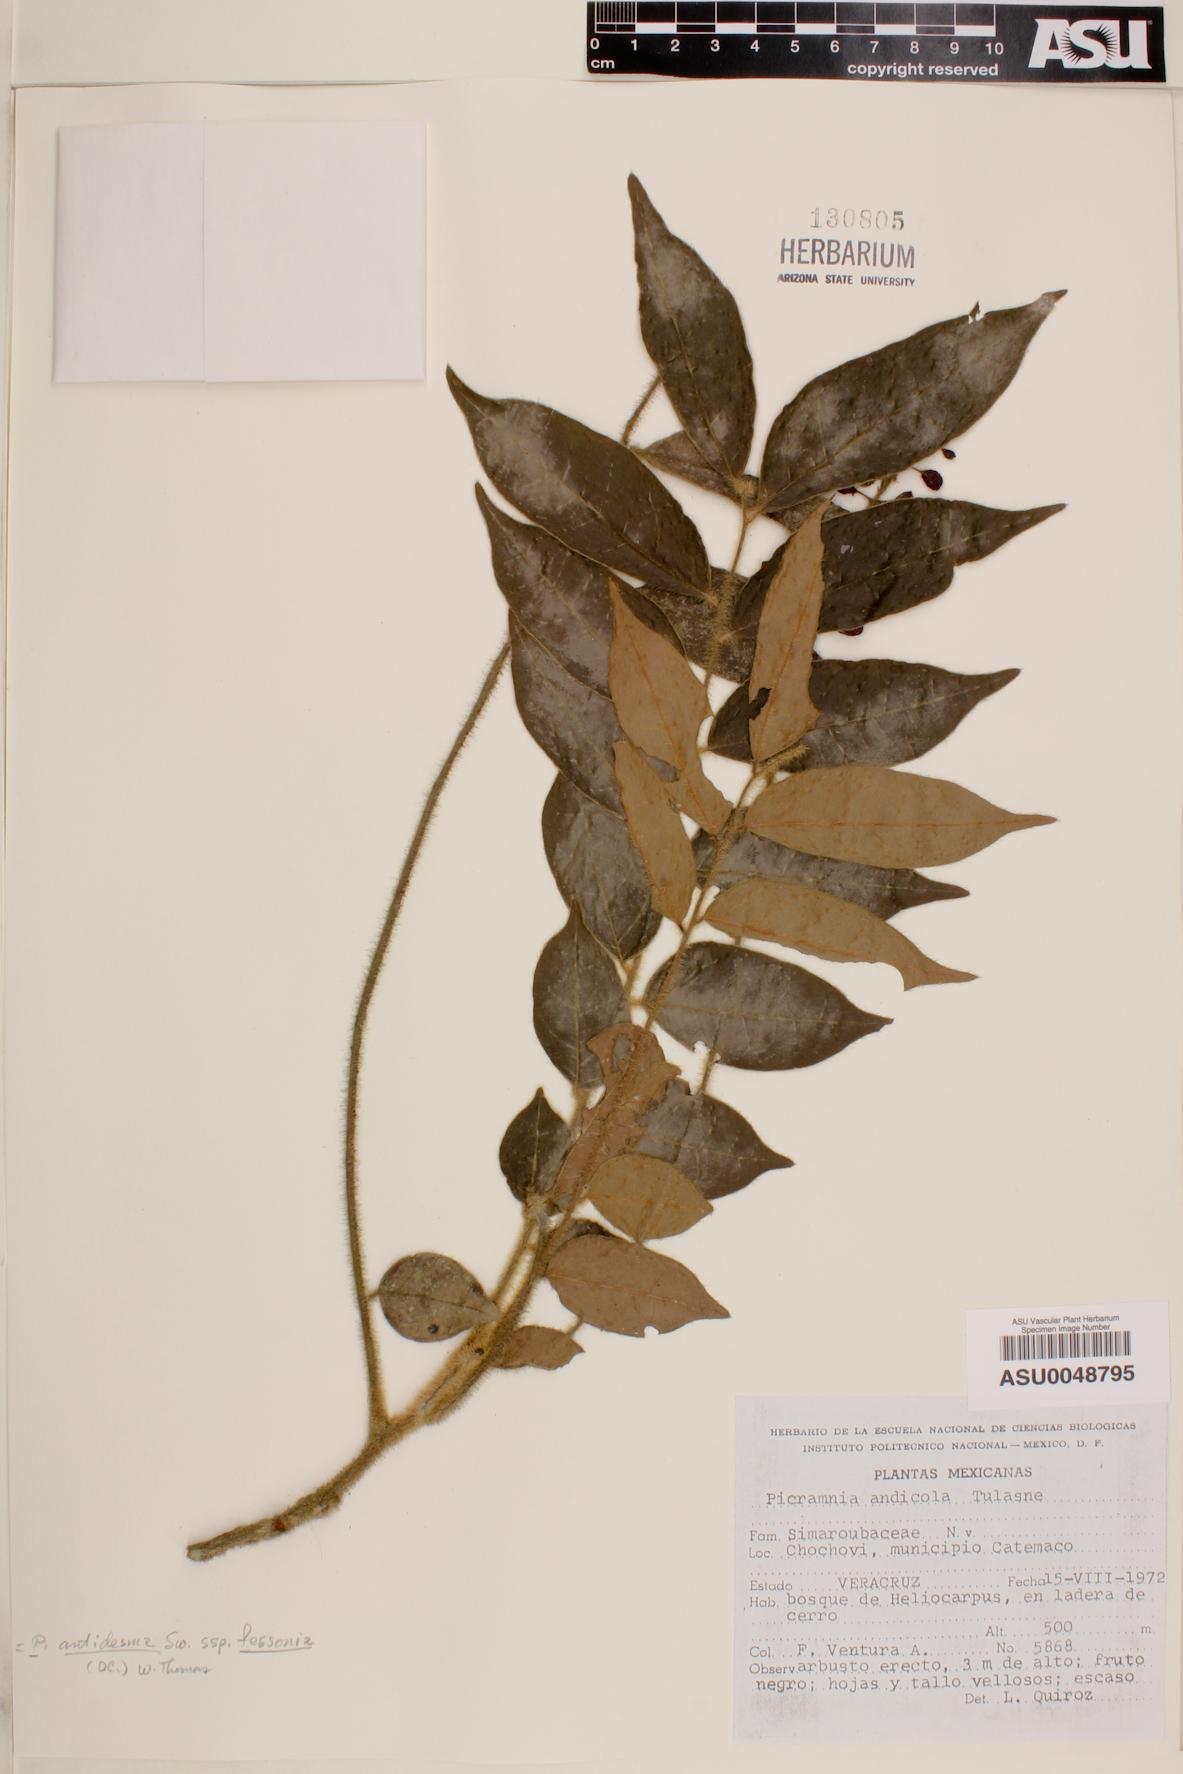 Picramnia antidesma subsp. fessonia image